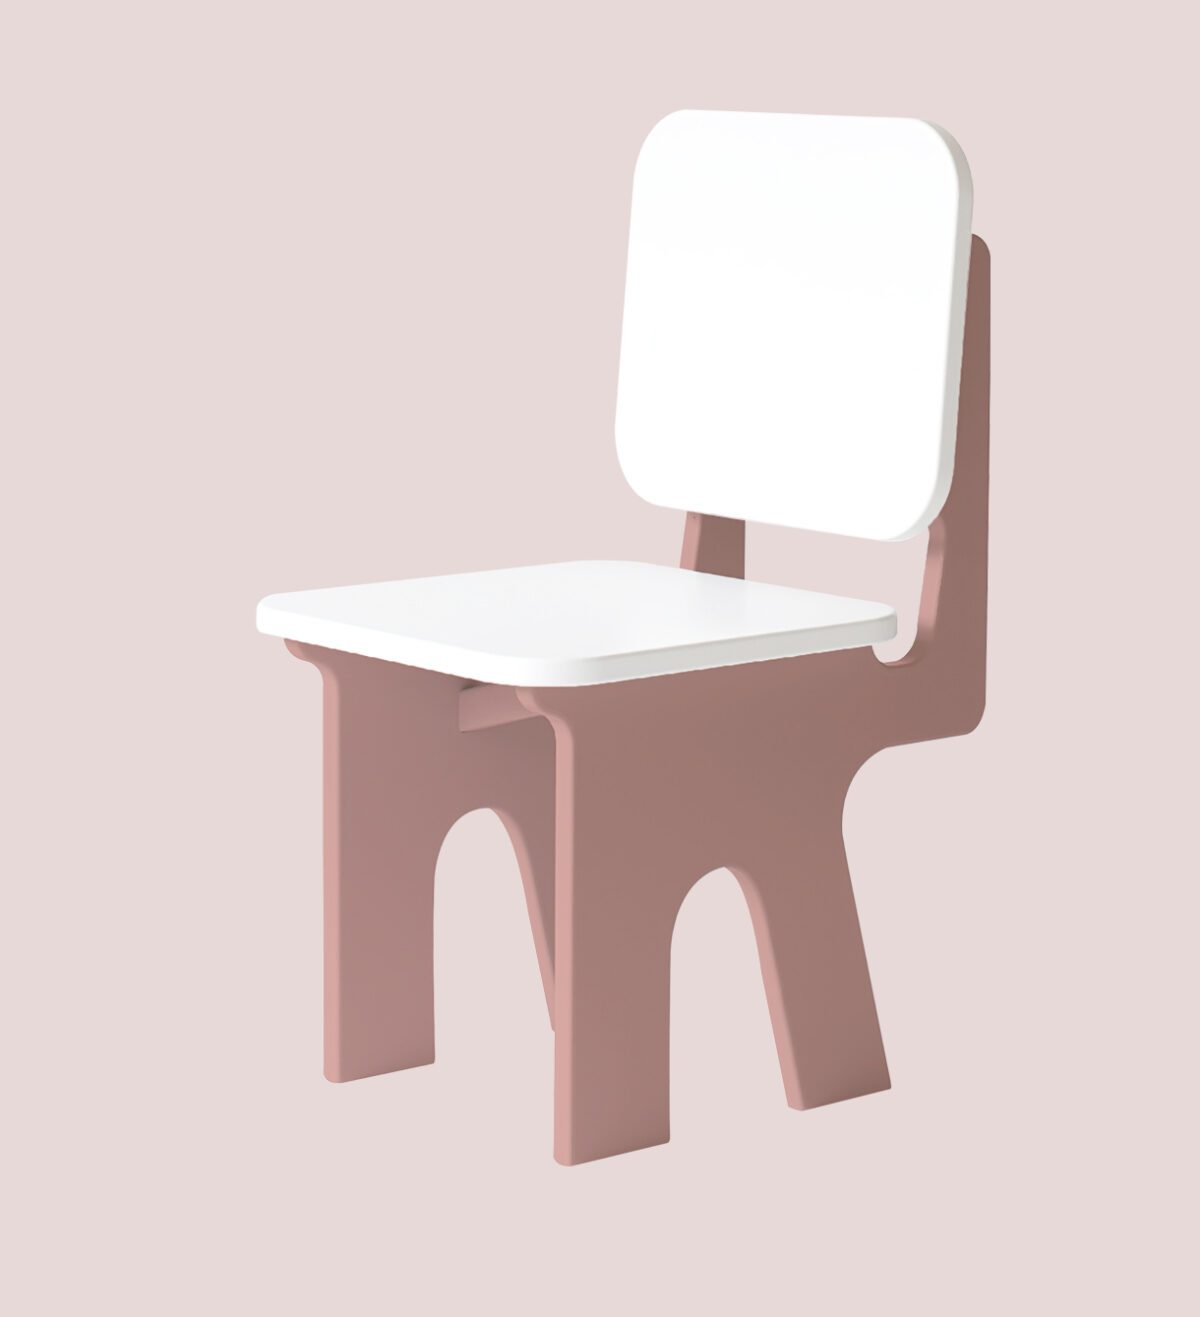 Kinderstoel met tafel Dipperdee zachtroze